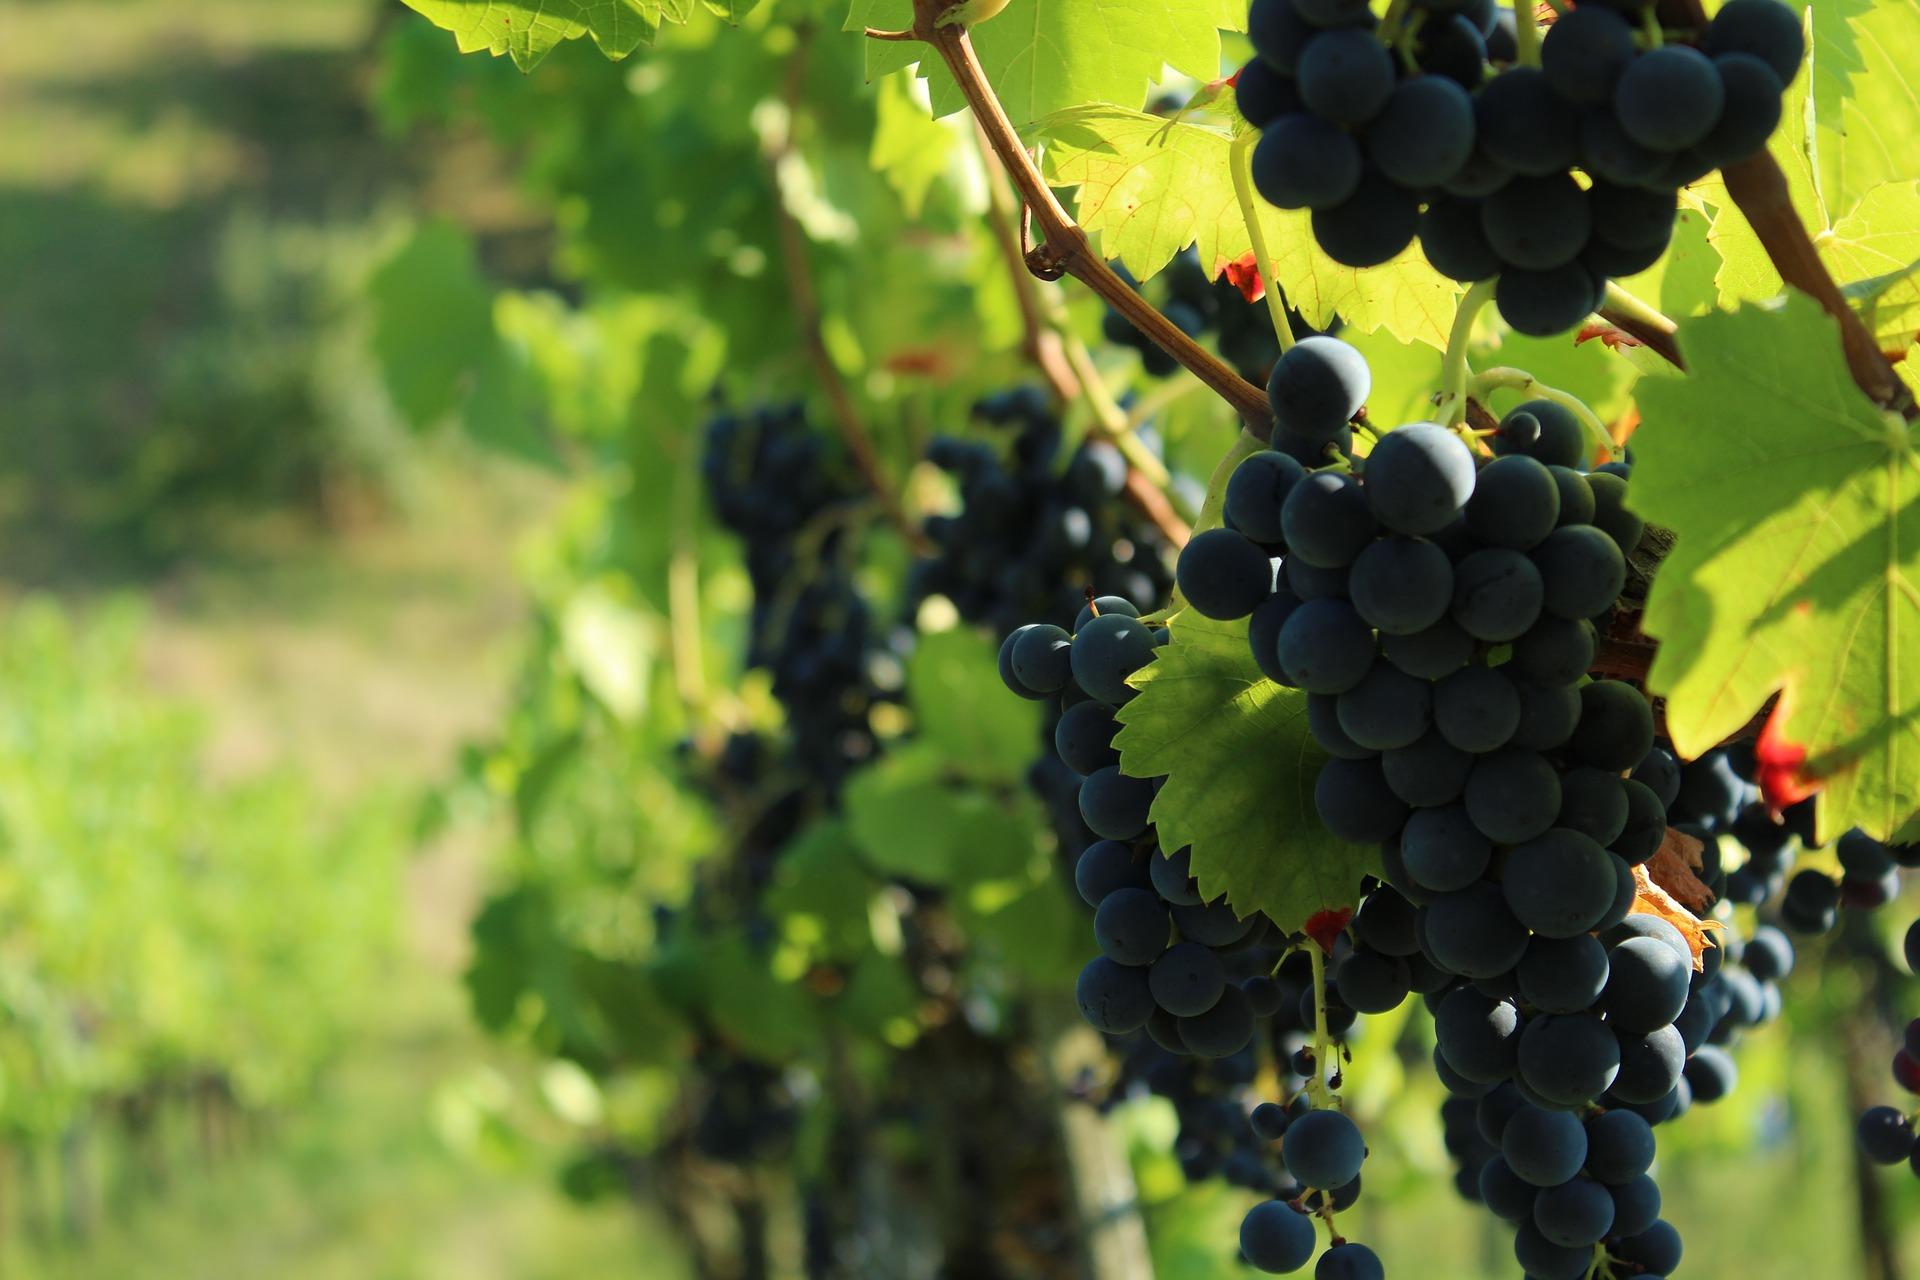 Цьогоріч на Херсонщині зібрали менший врожай винограду